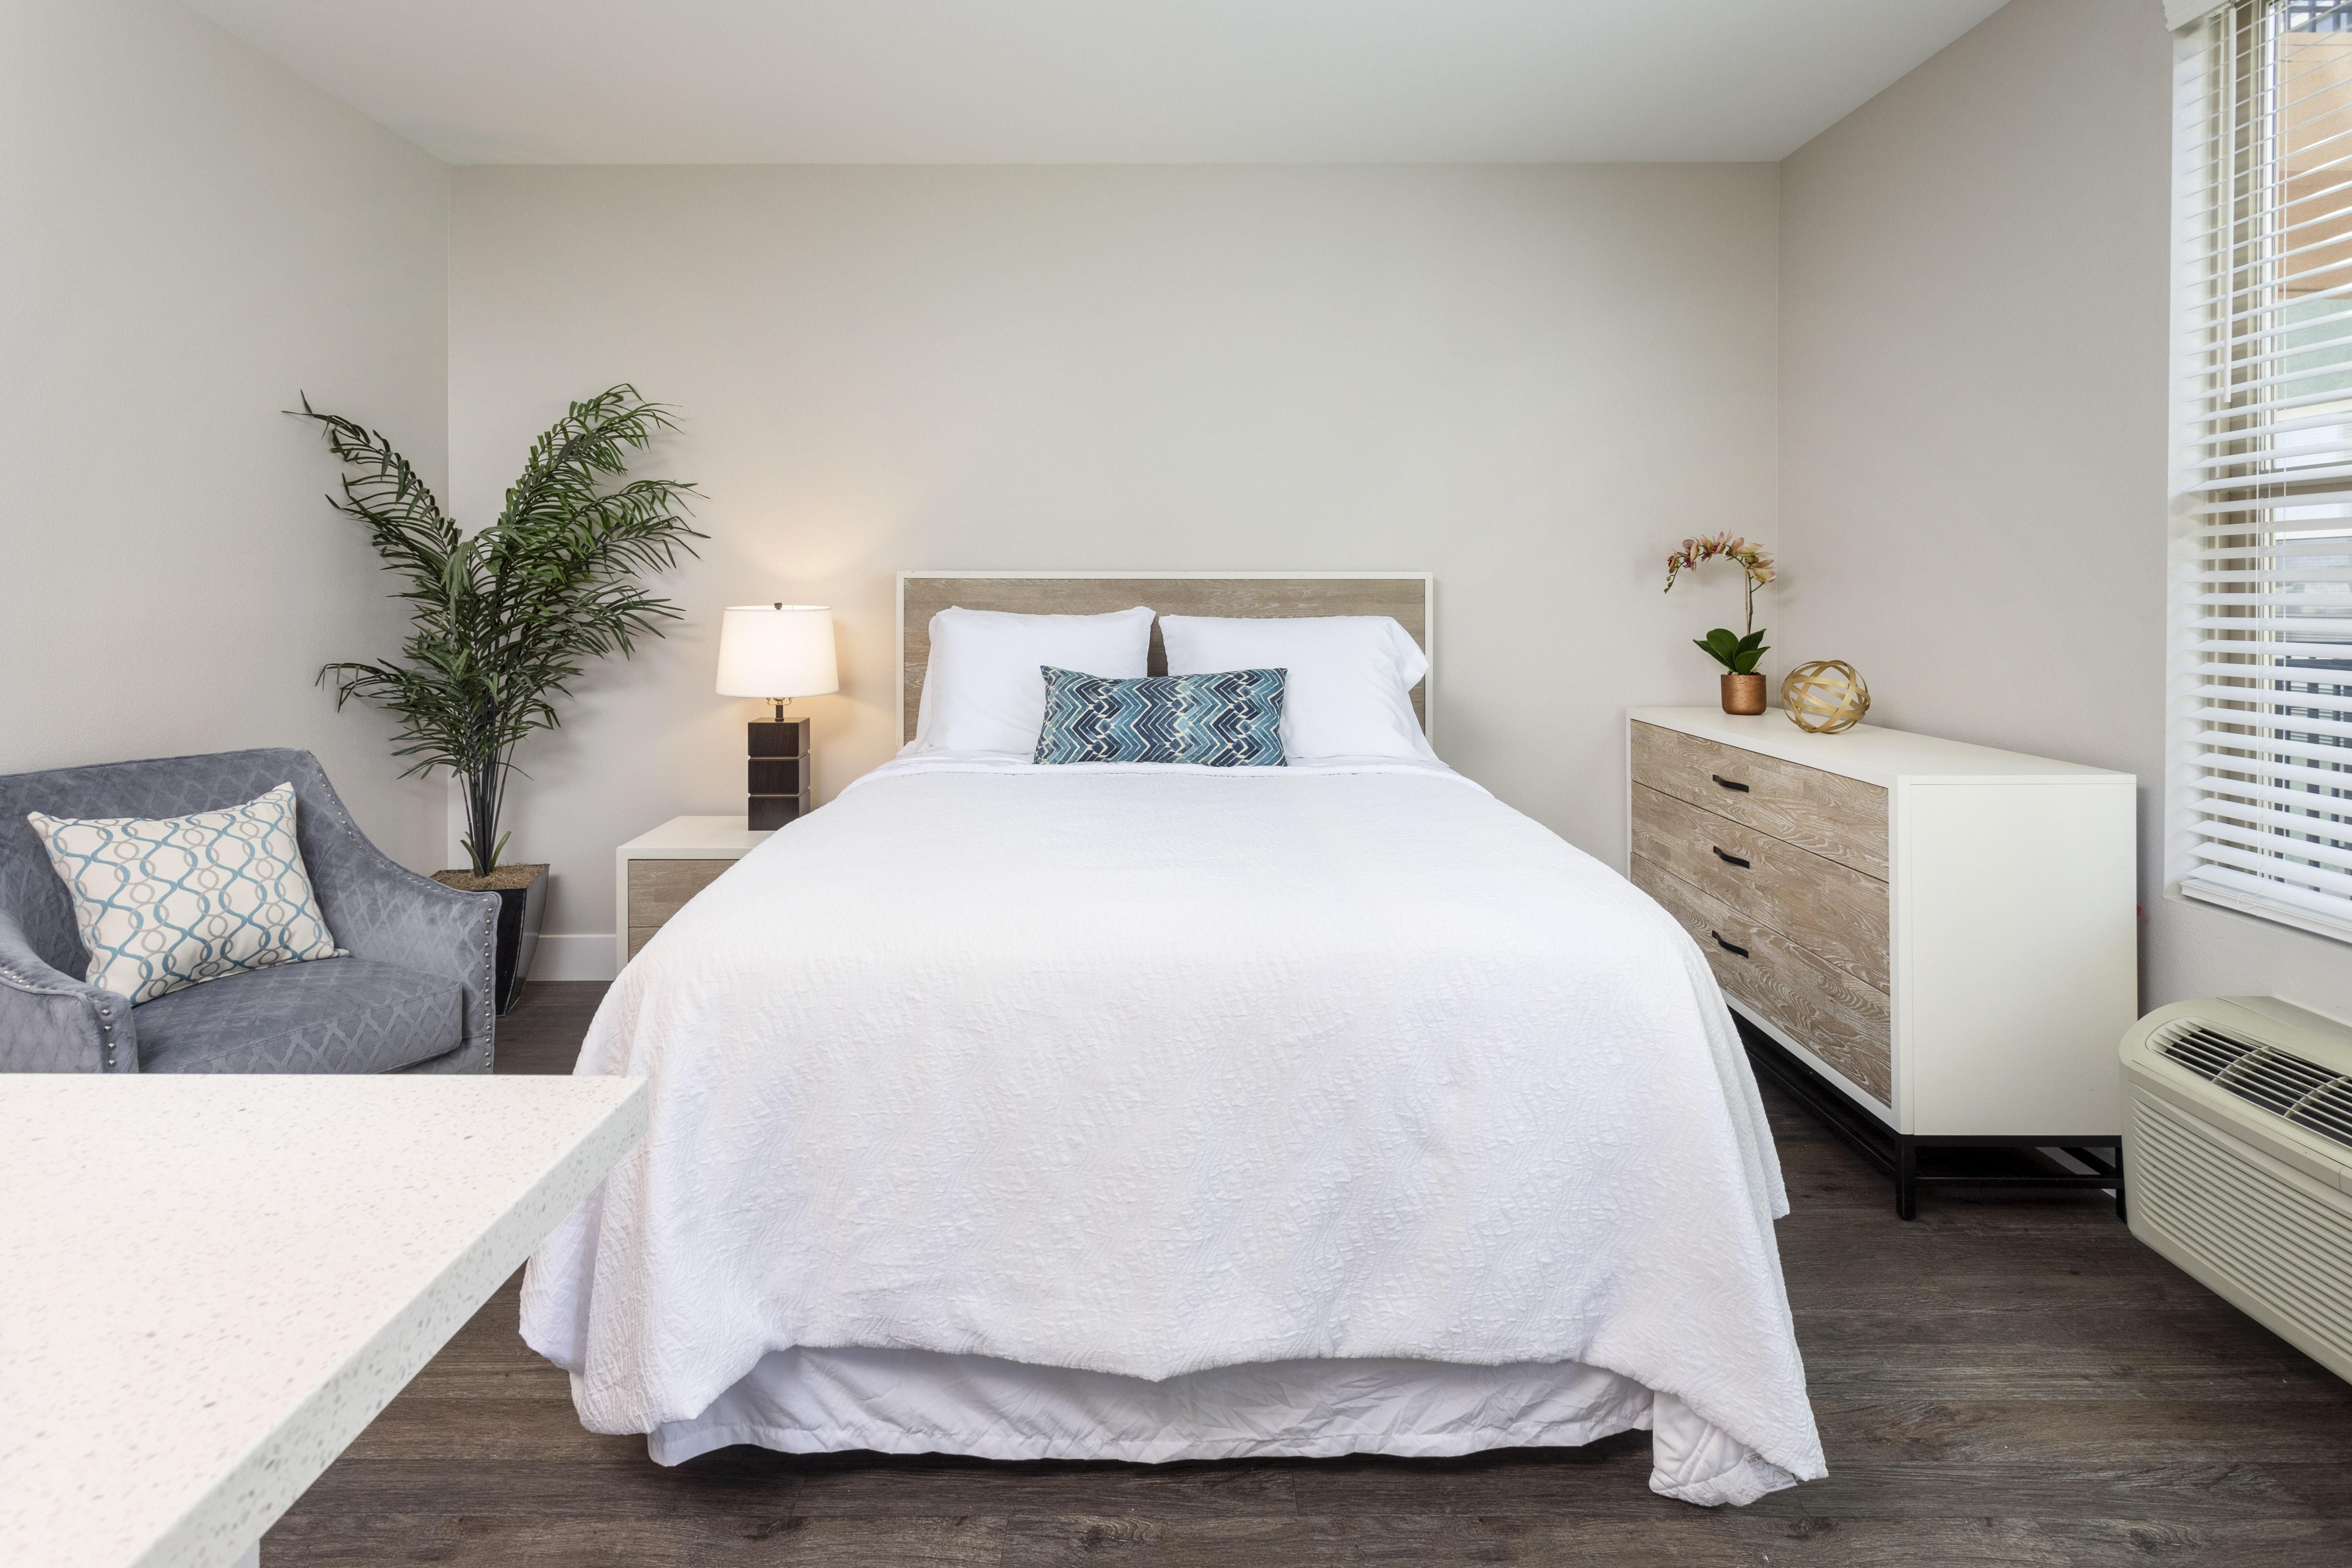 Entrada Apartments rental